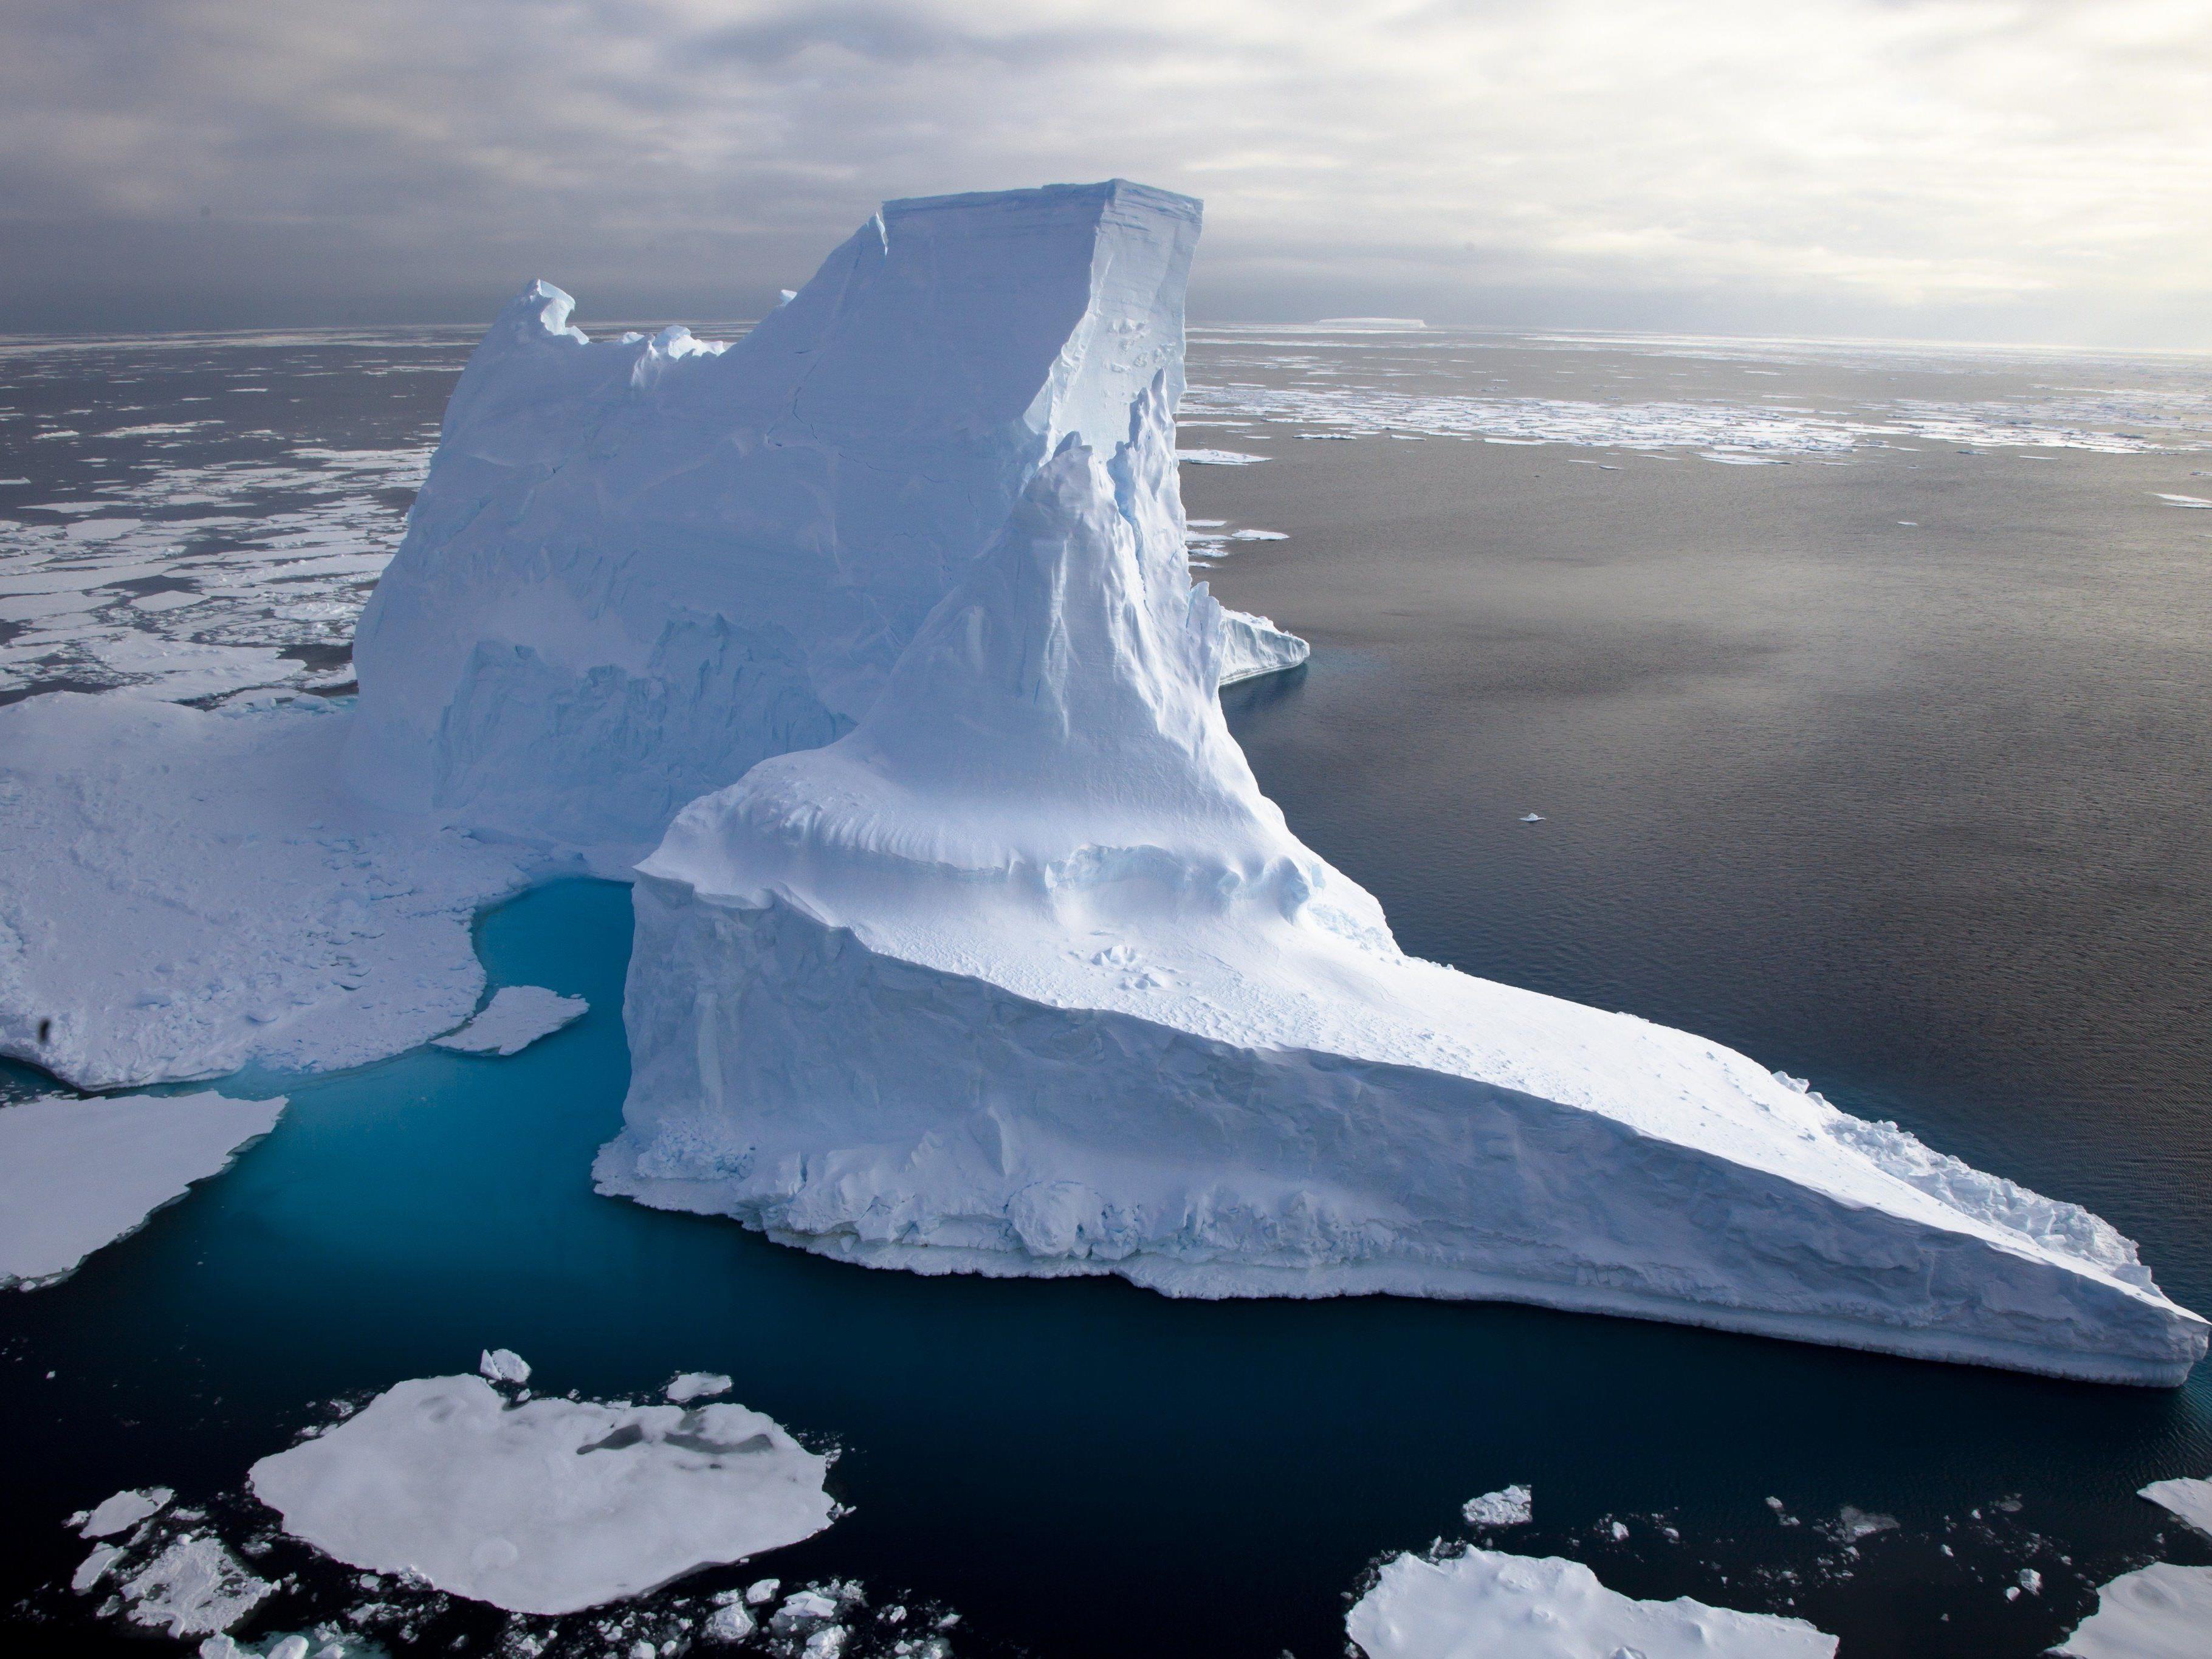 Heutzutage treiben die größten Eisberge in antarktischen Gewässern. Sie reichen bis in eine Wassertiefe von maximal 700 Meter und sind damit deutlich kleiner als jene Eisberge, welche die Kratzspuren auf dem Hovgaard Rücken in der Framstraße hinterlassen haben.